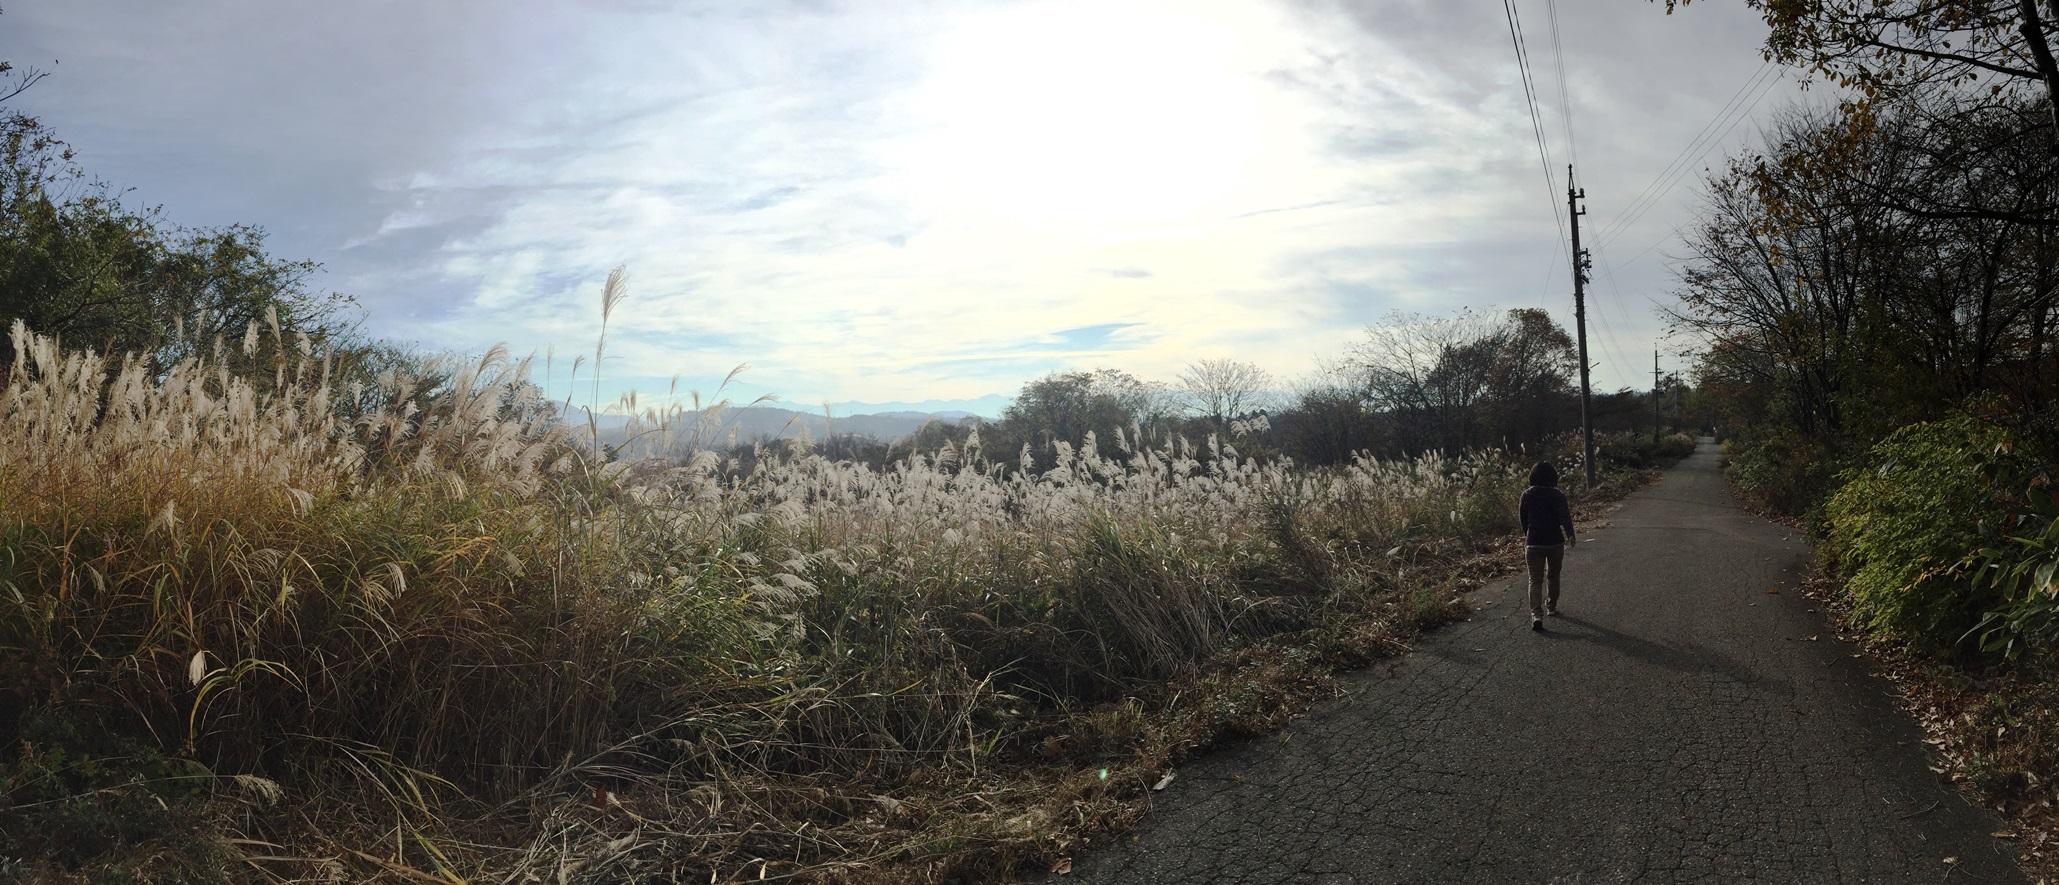 信州・黒姫高原今朝の散歩の風景20141030-1